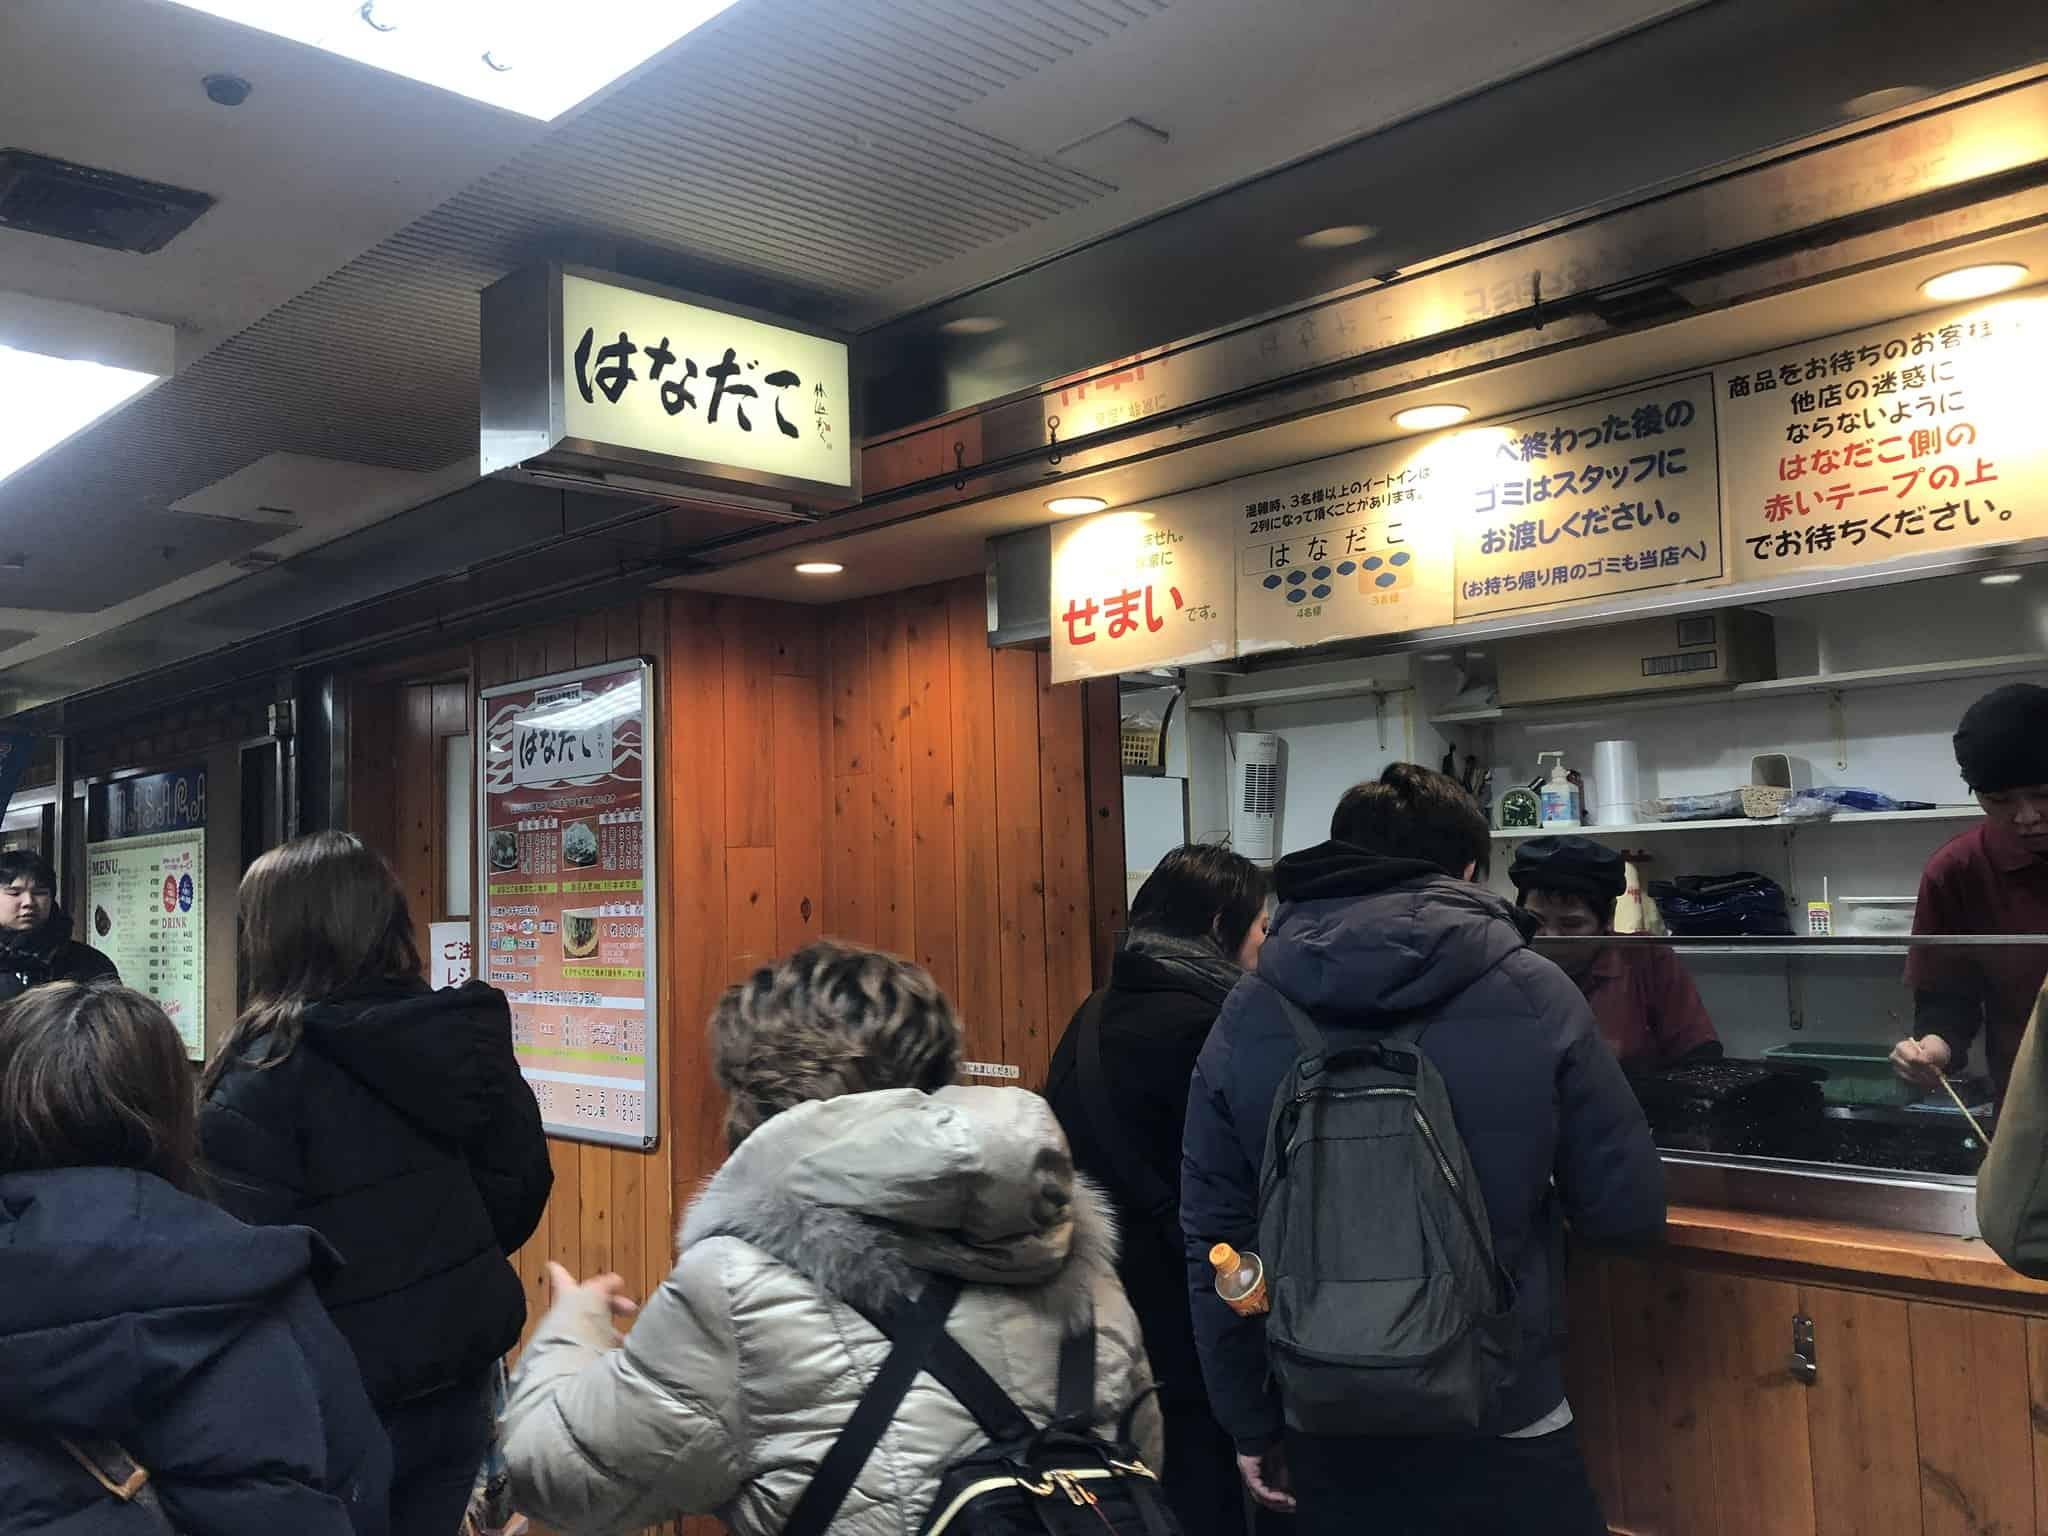 ร้านทาโกยากิในโอซาก้า : ฮานะดาโกะ (Hanadako)